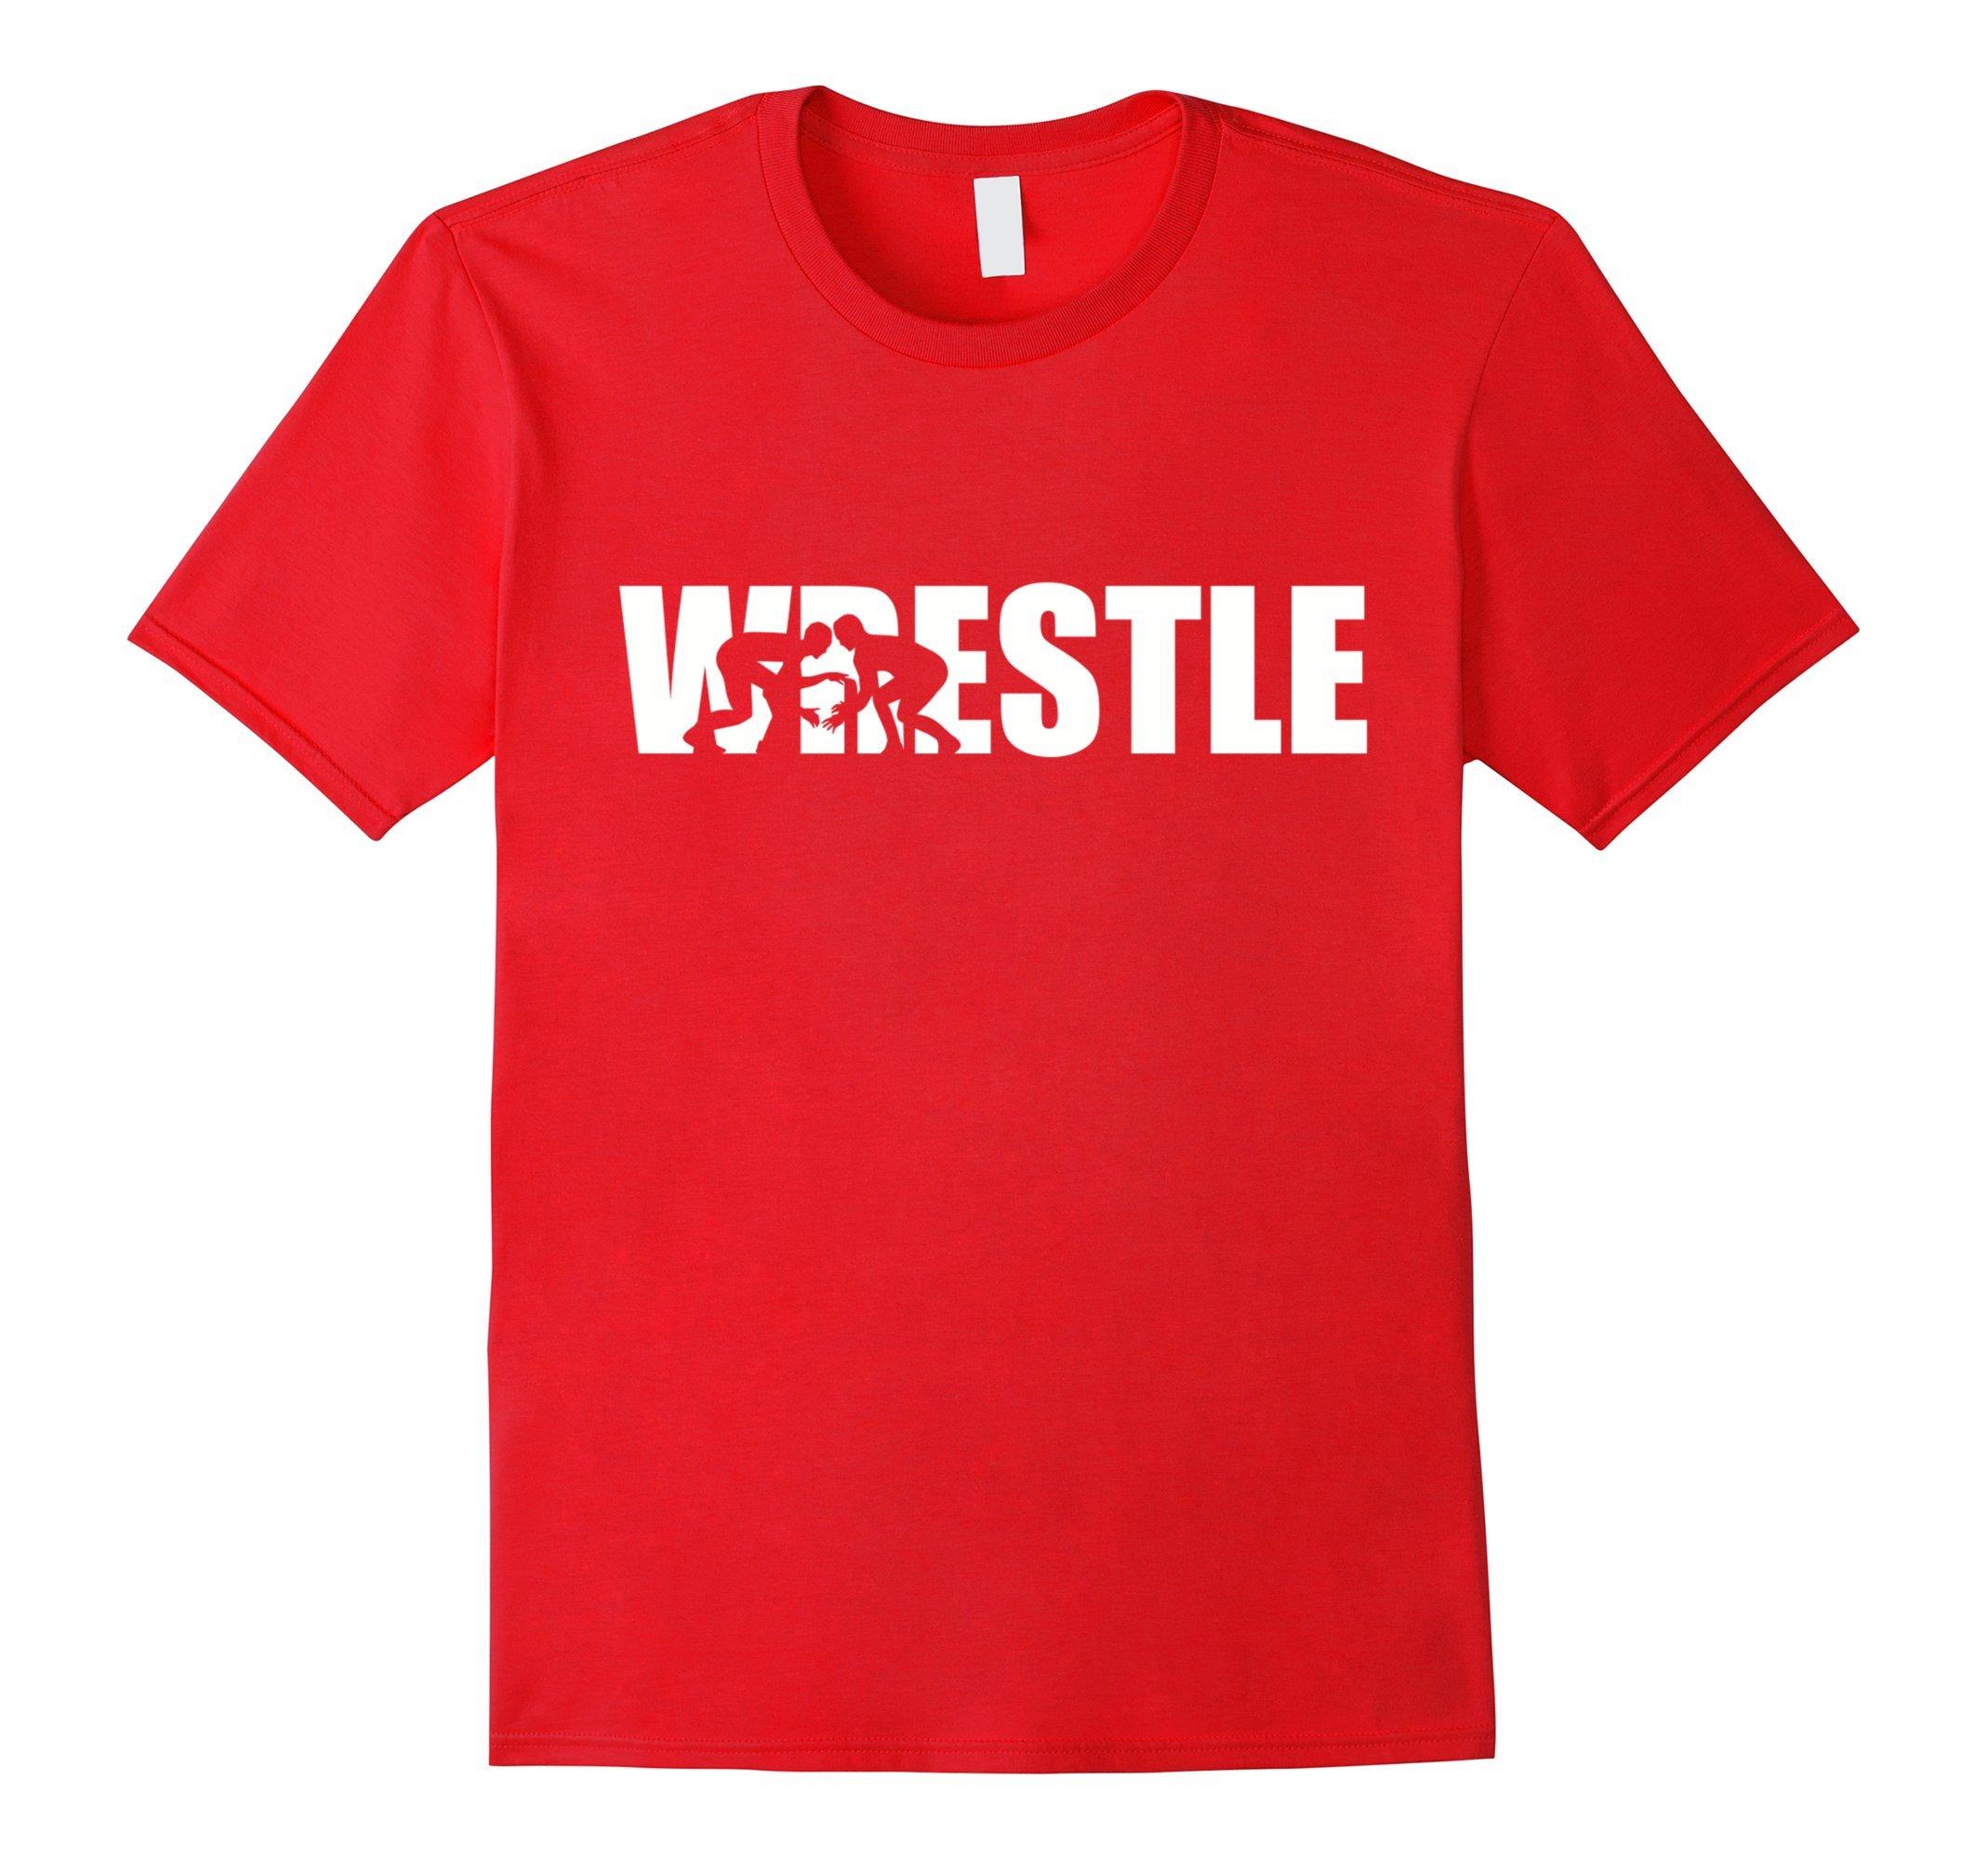 Men's Wrestle wrestling T-Shirt Small Red